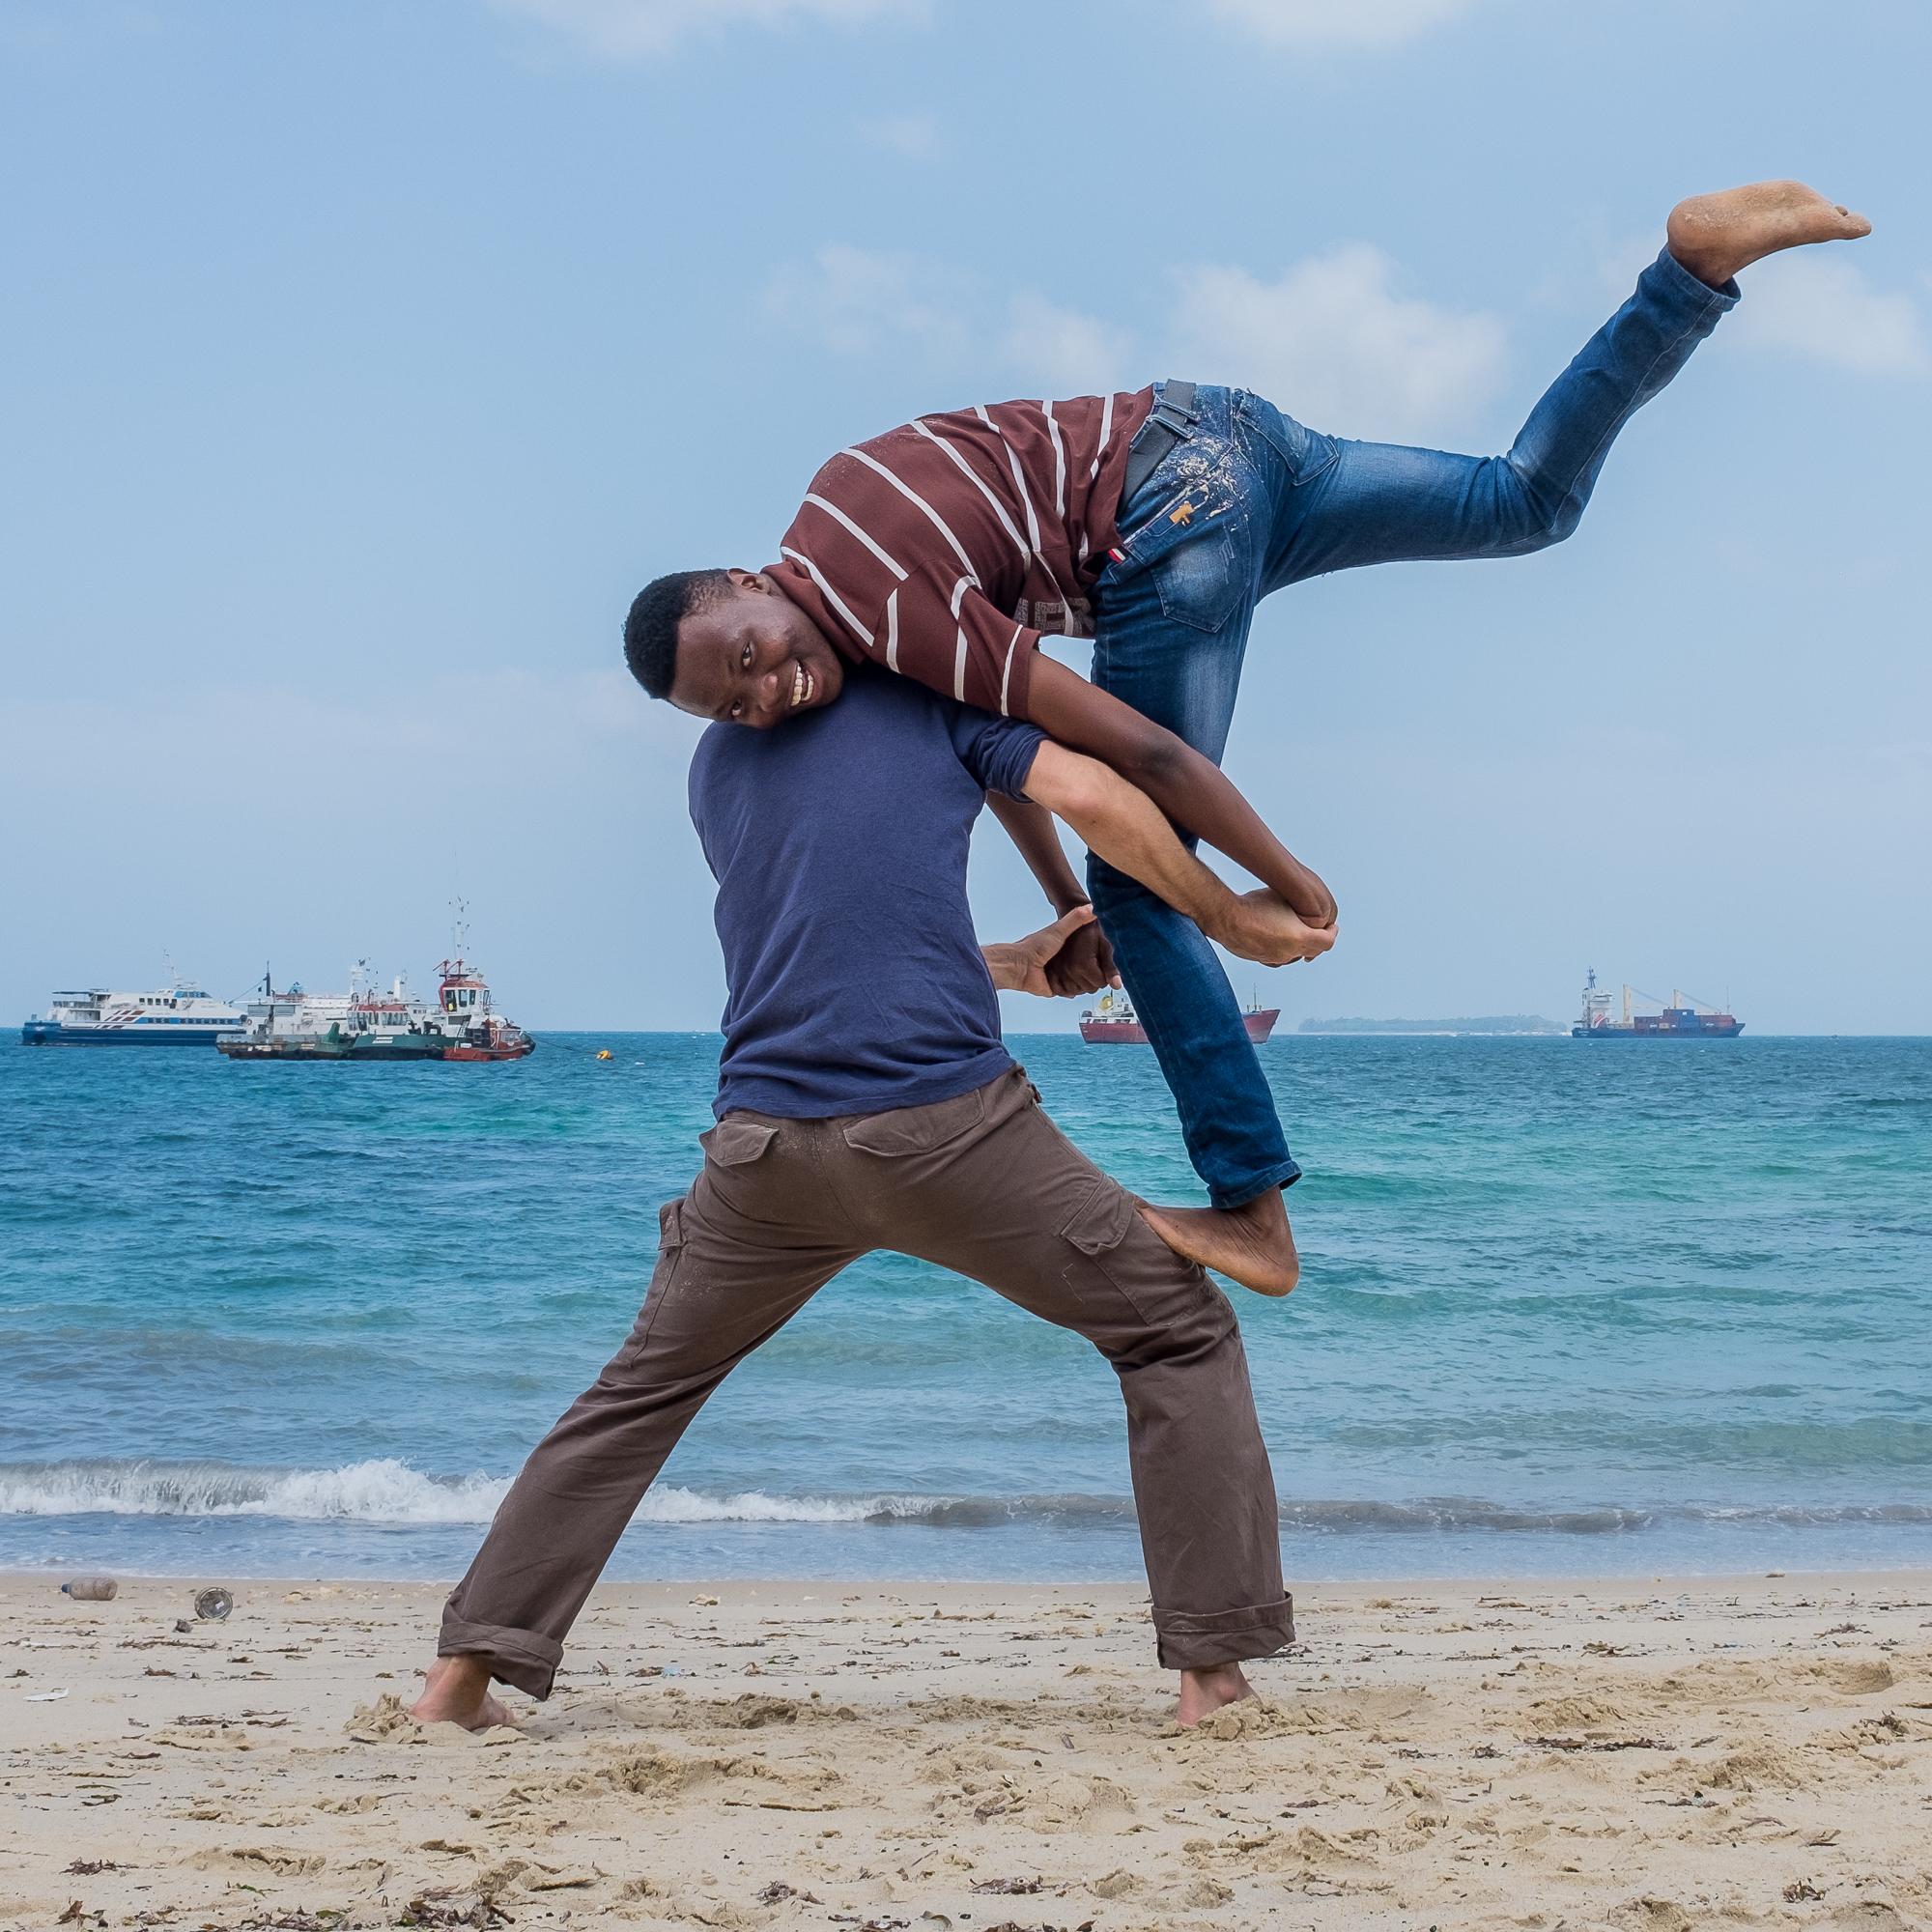 Zanzibar beach - Acrobatics_